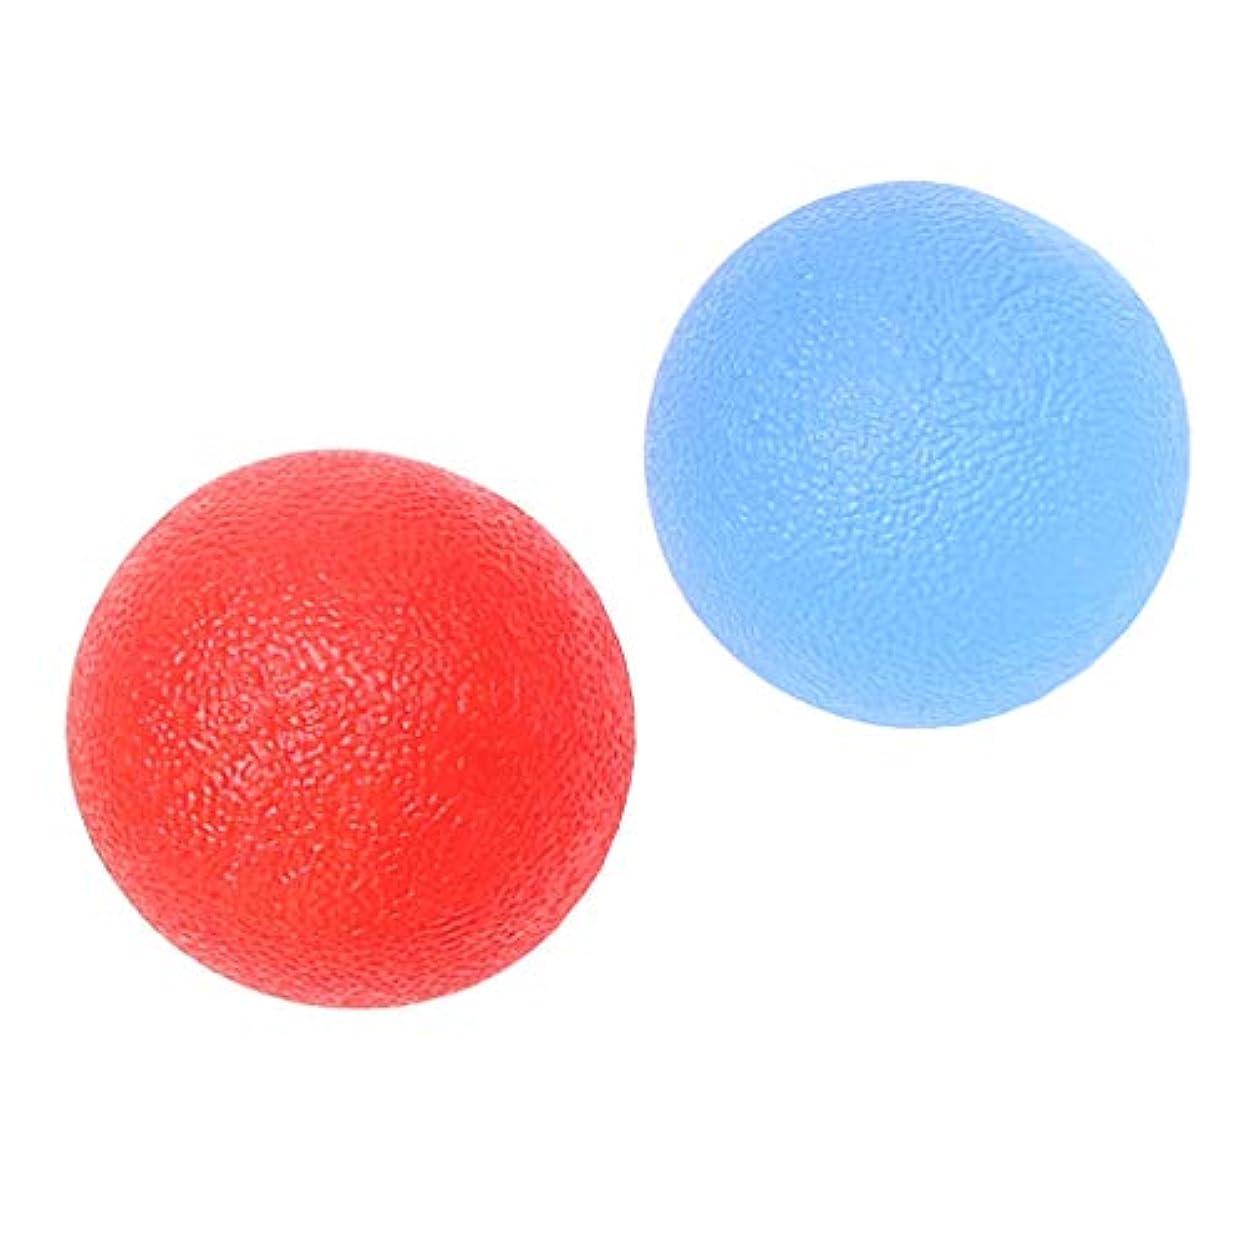 明日マインドペックFLAMEER 2個 ハンドエクササイズボール ハンドグリップ シリコン 指トレーニング ストレス緩和 柔軟 赤/青